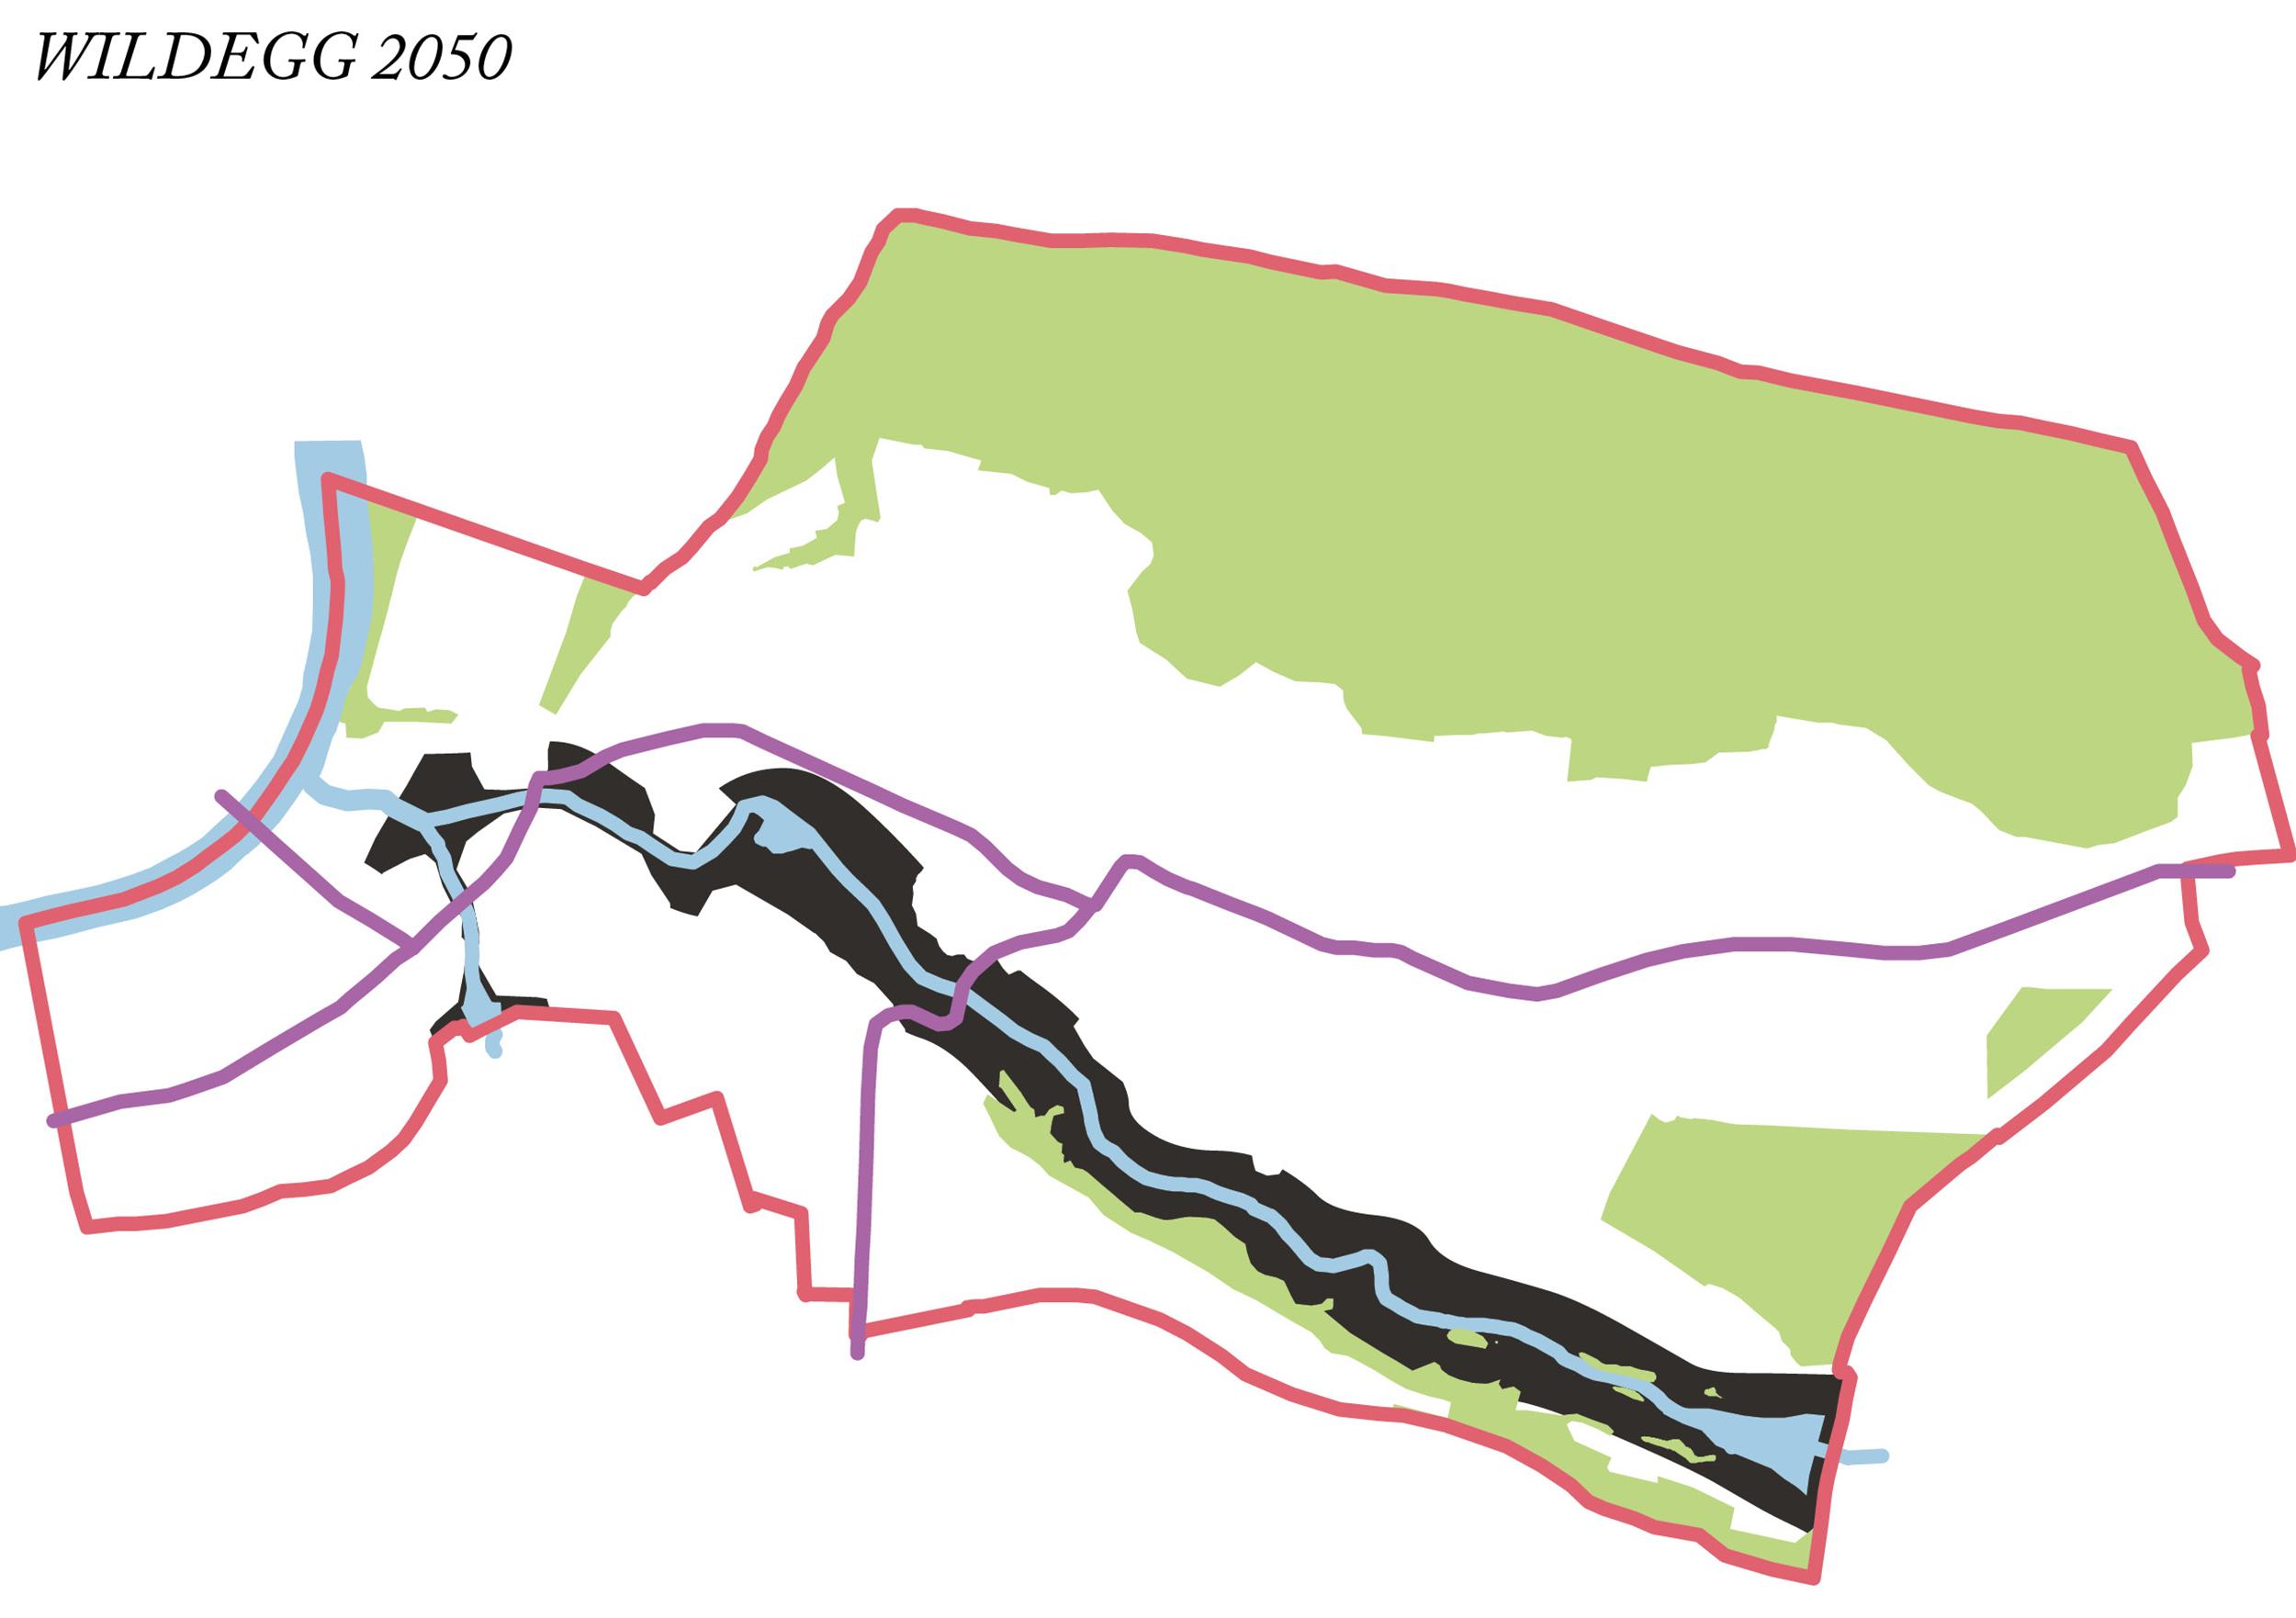 Wildegg 2050